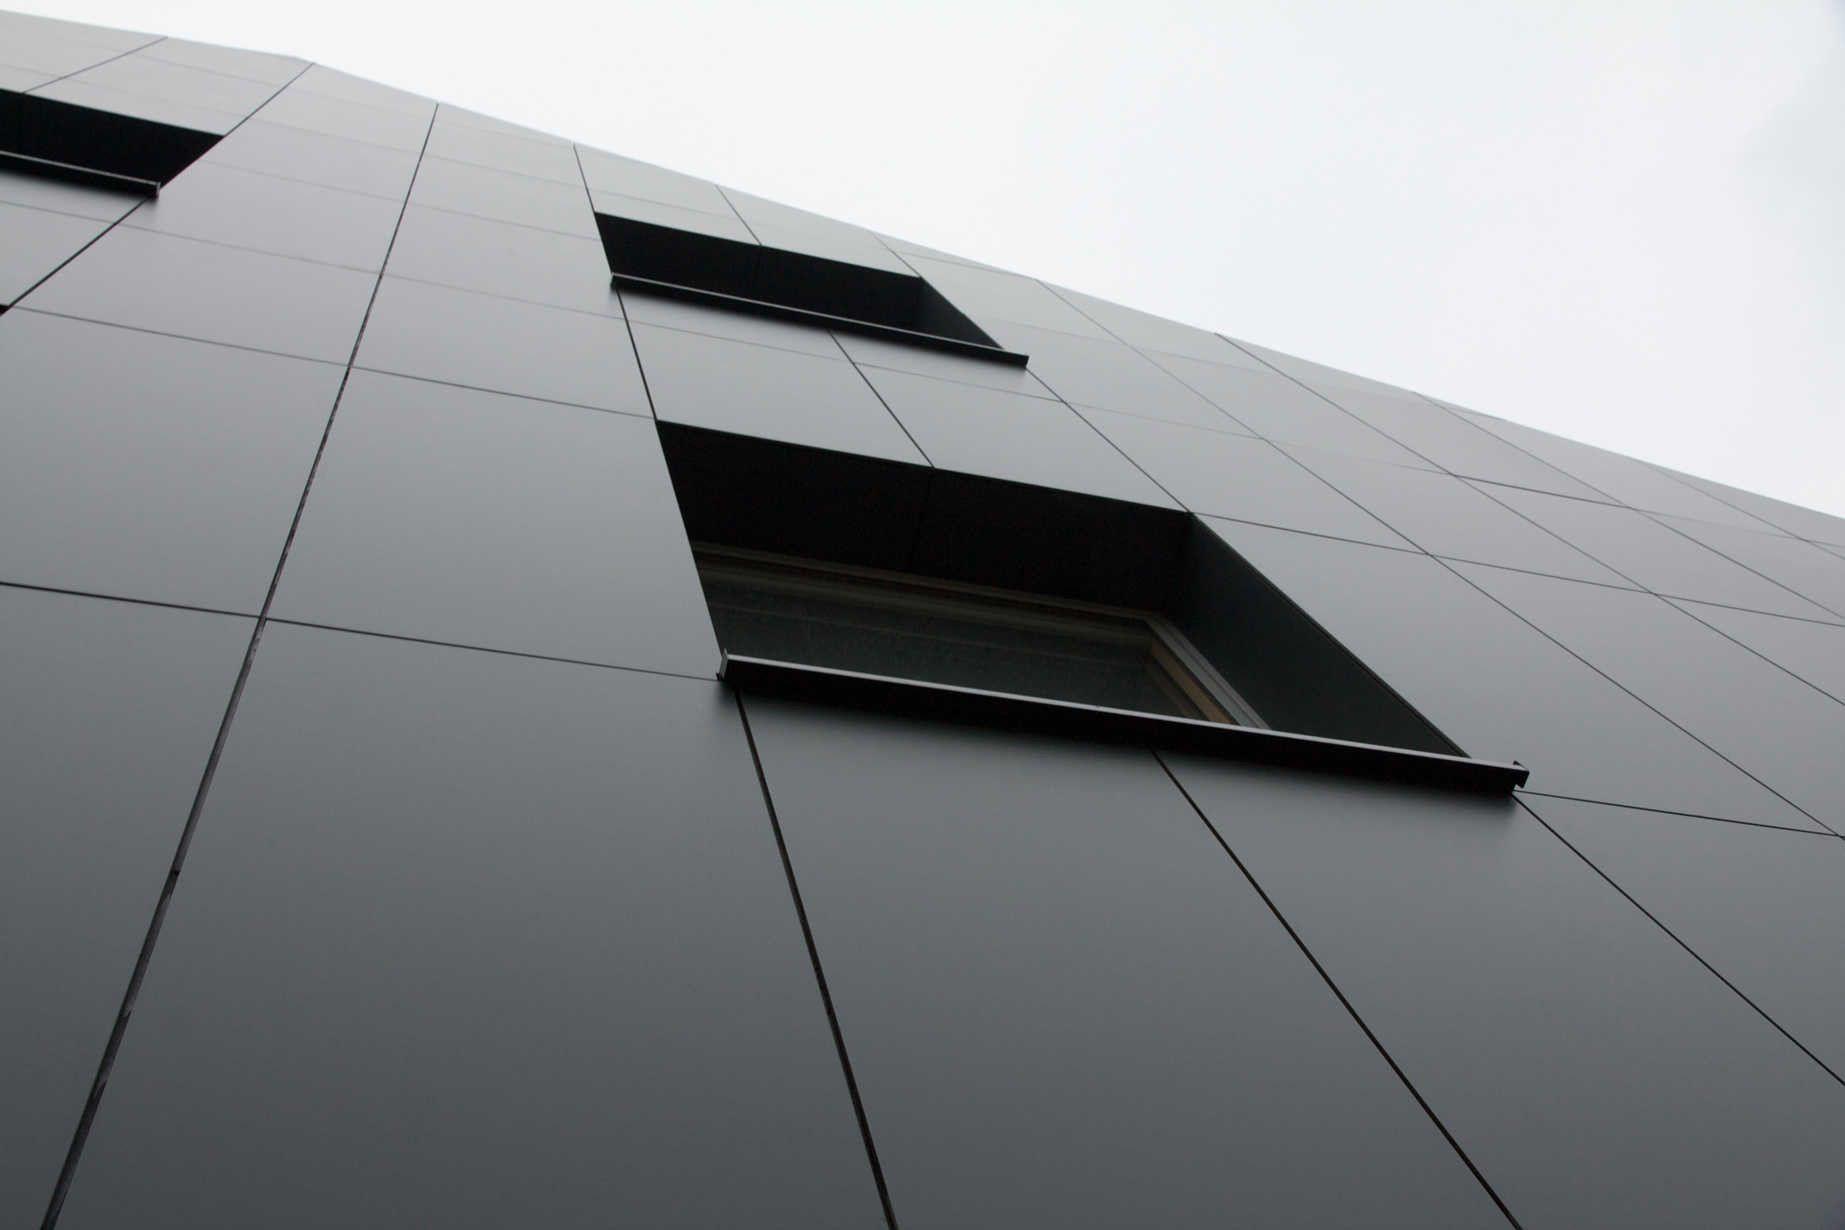 Luxus 44 Fur Trespa Platten Balkon In 2020 Balkon Design